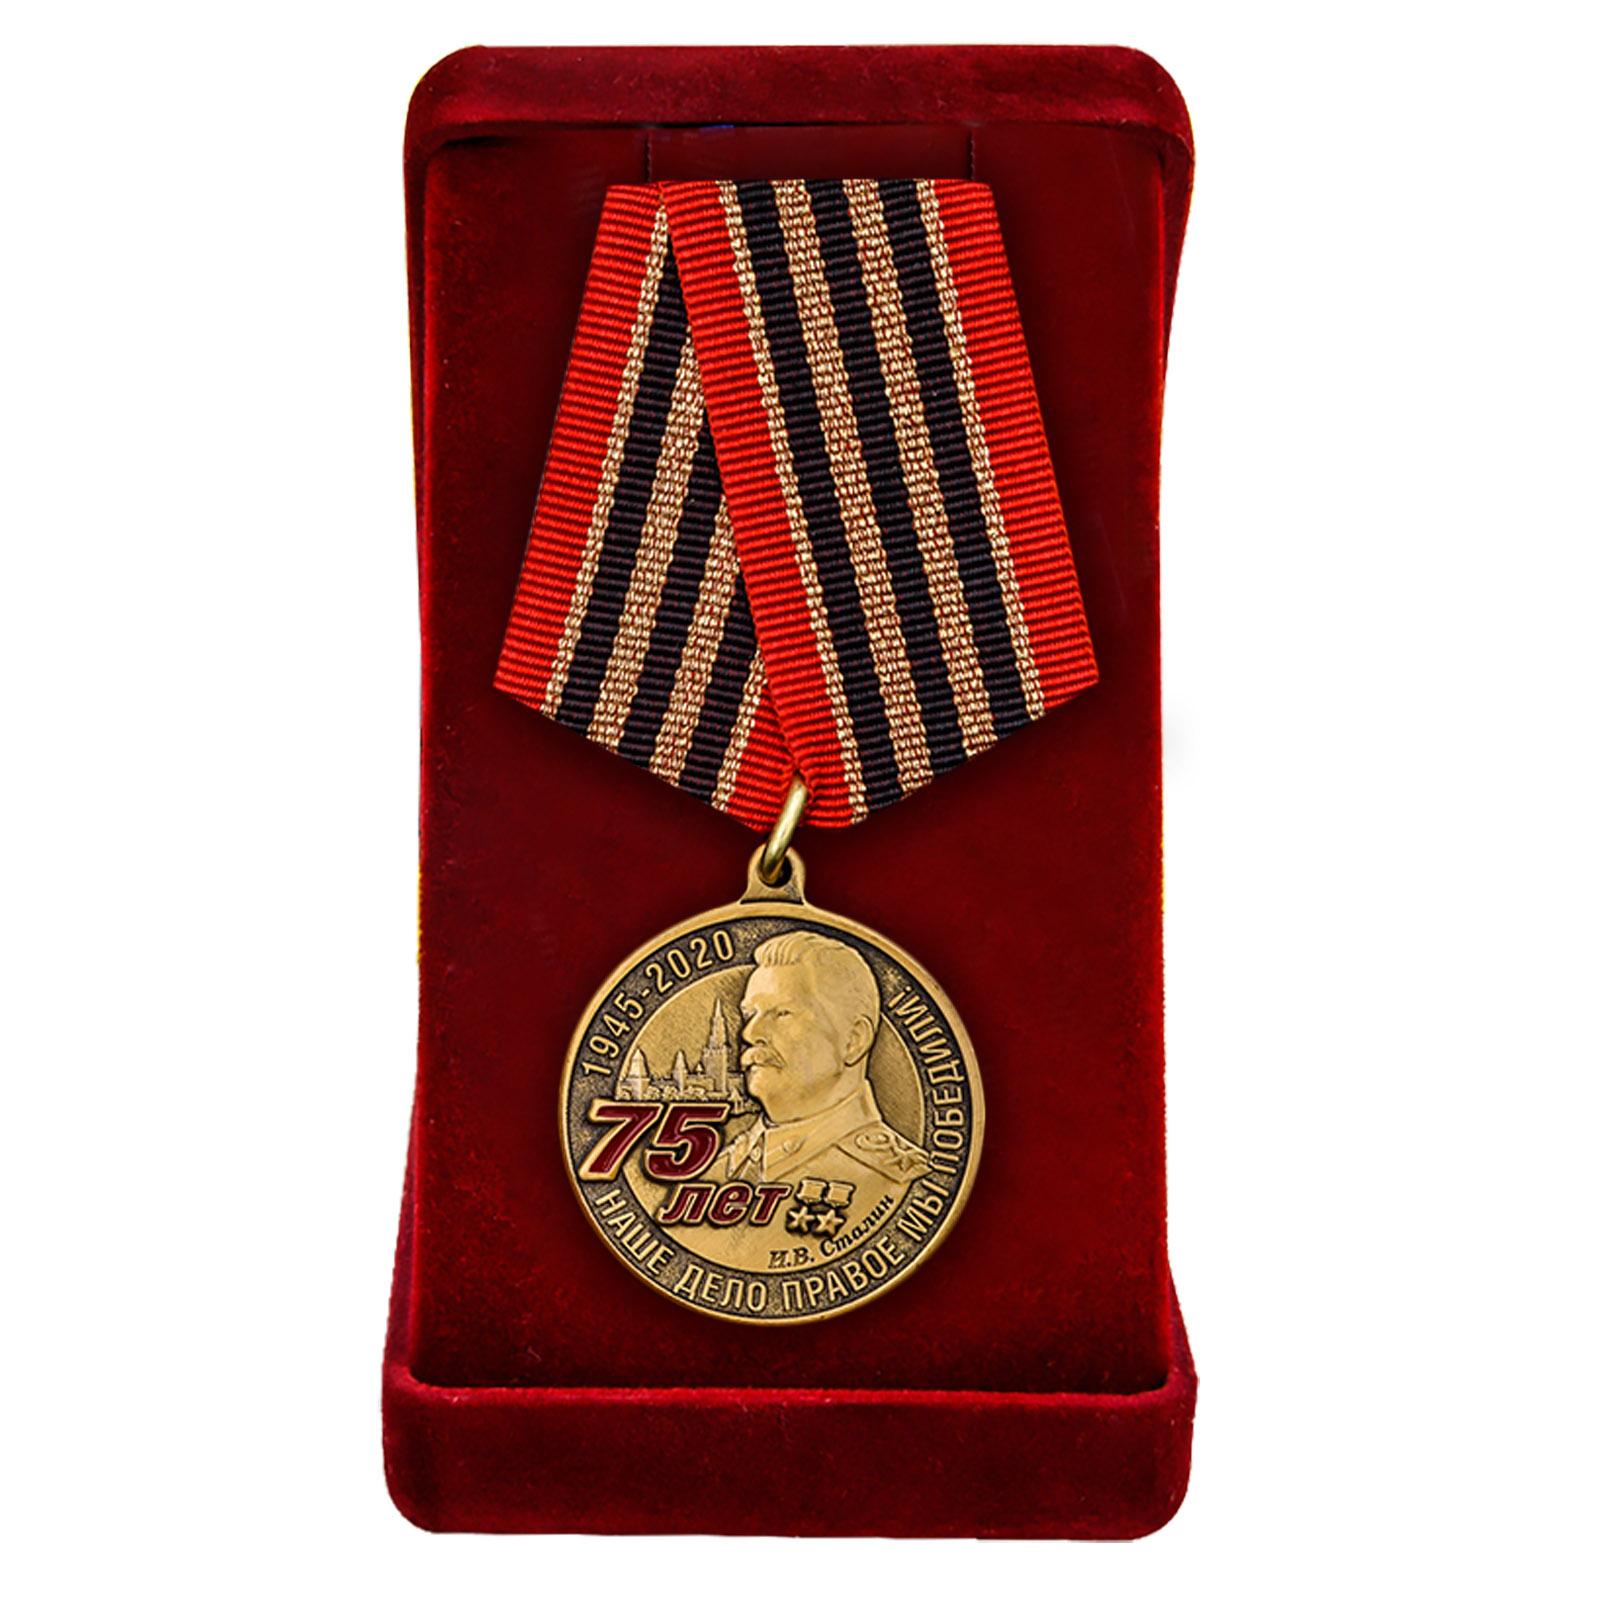 Купить памятную медаль 75 лет со дня Победы в ВОВ оптом или в розницу